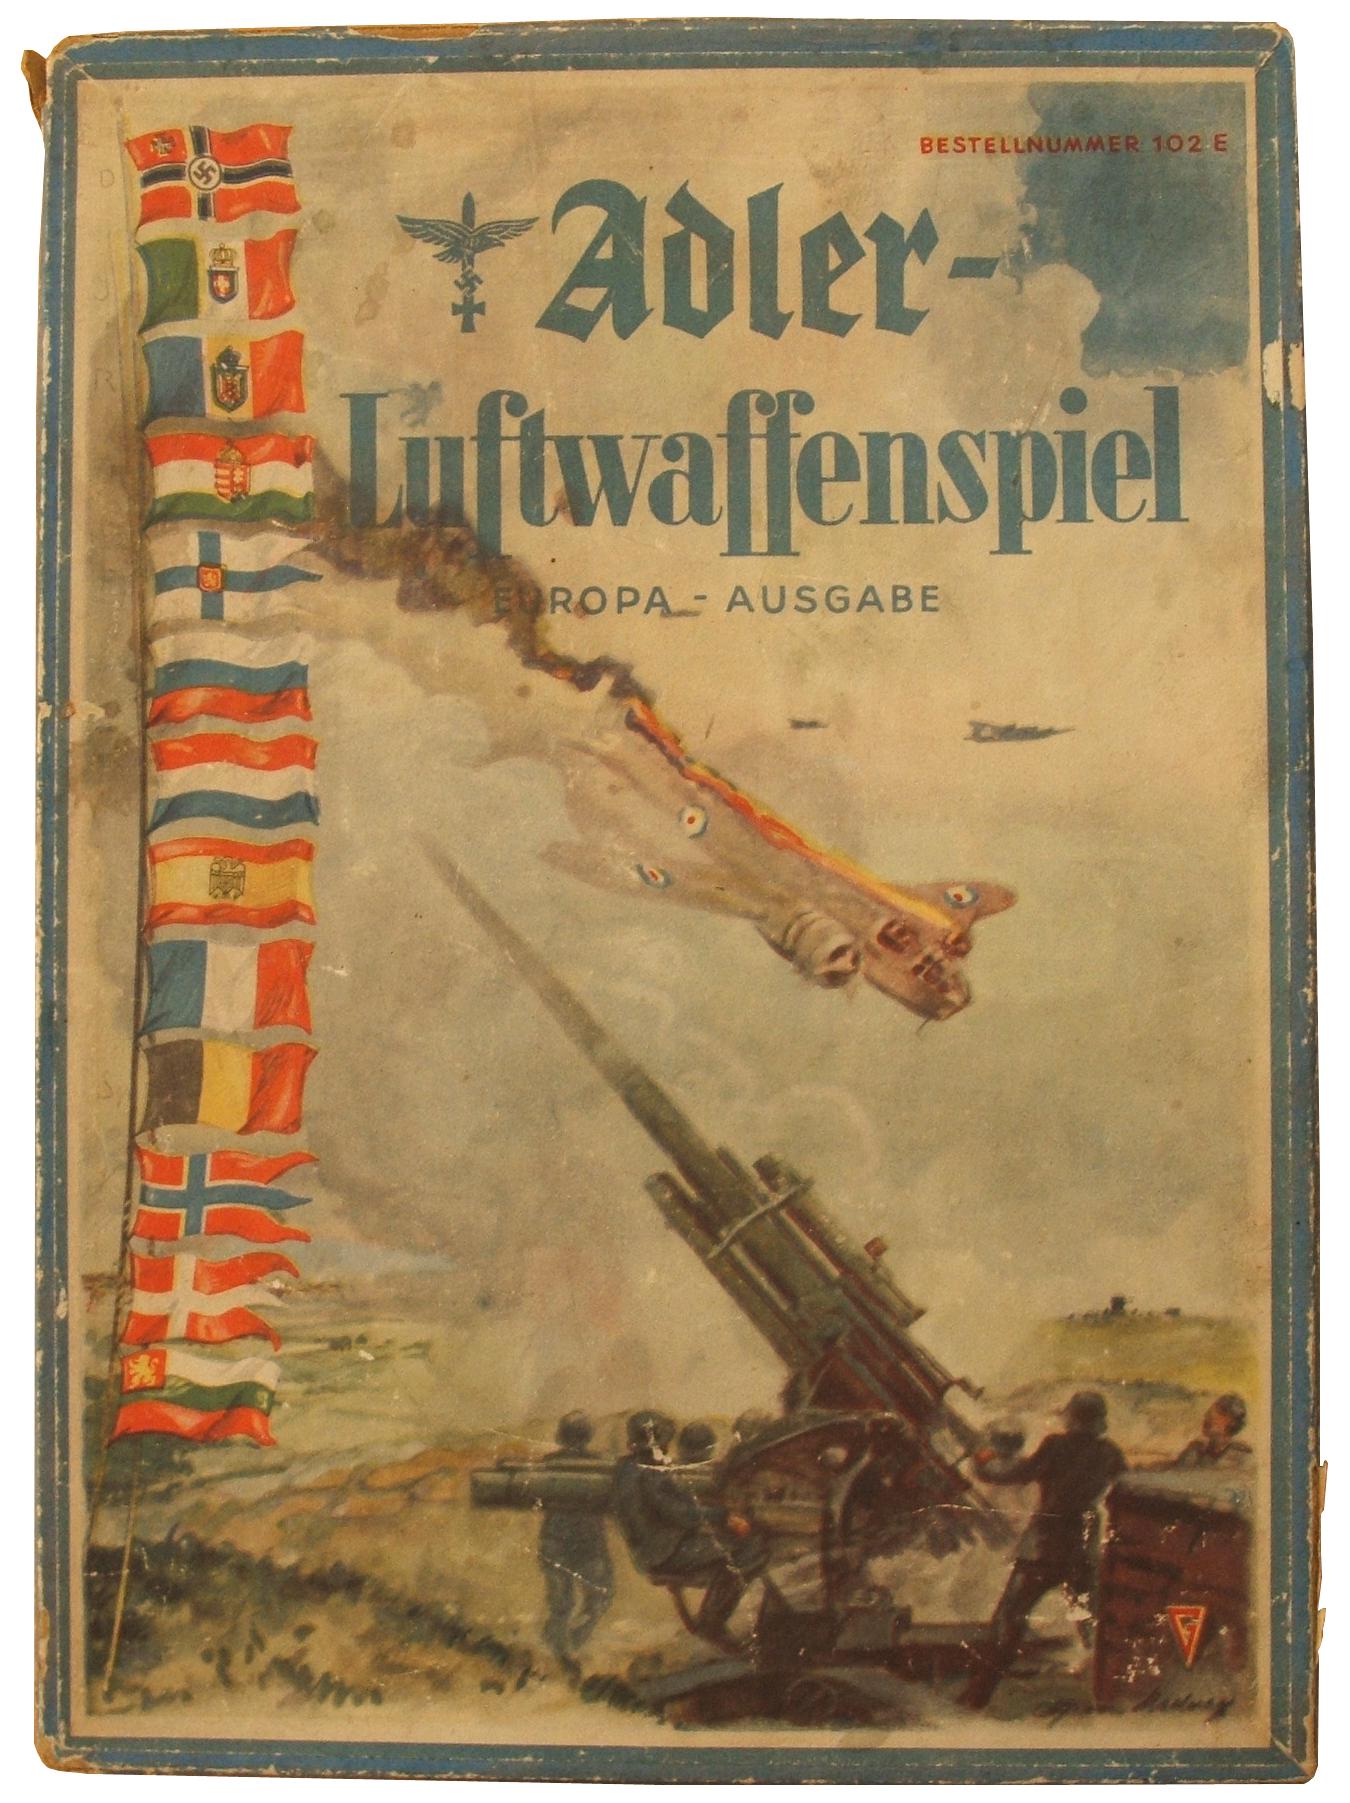 Luftwaffespiel Board Game